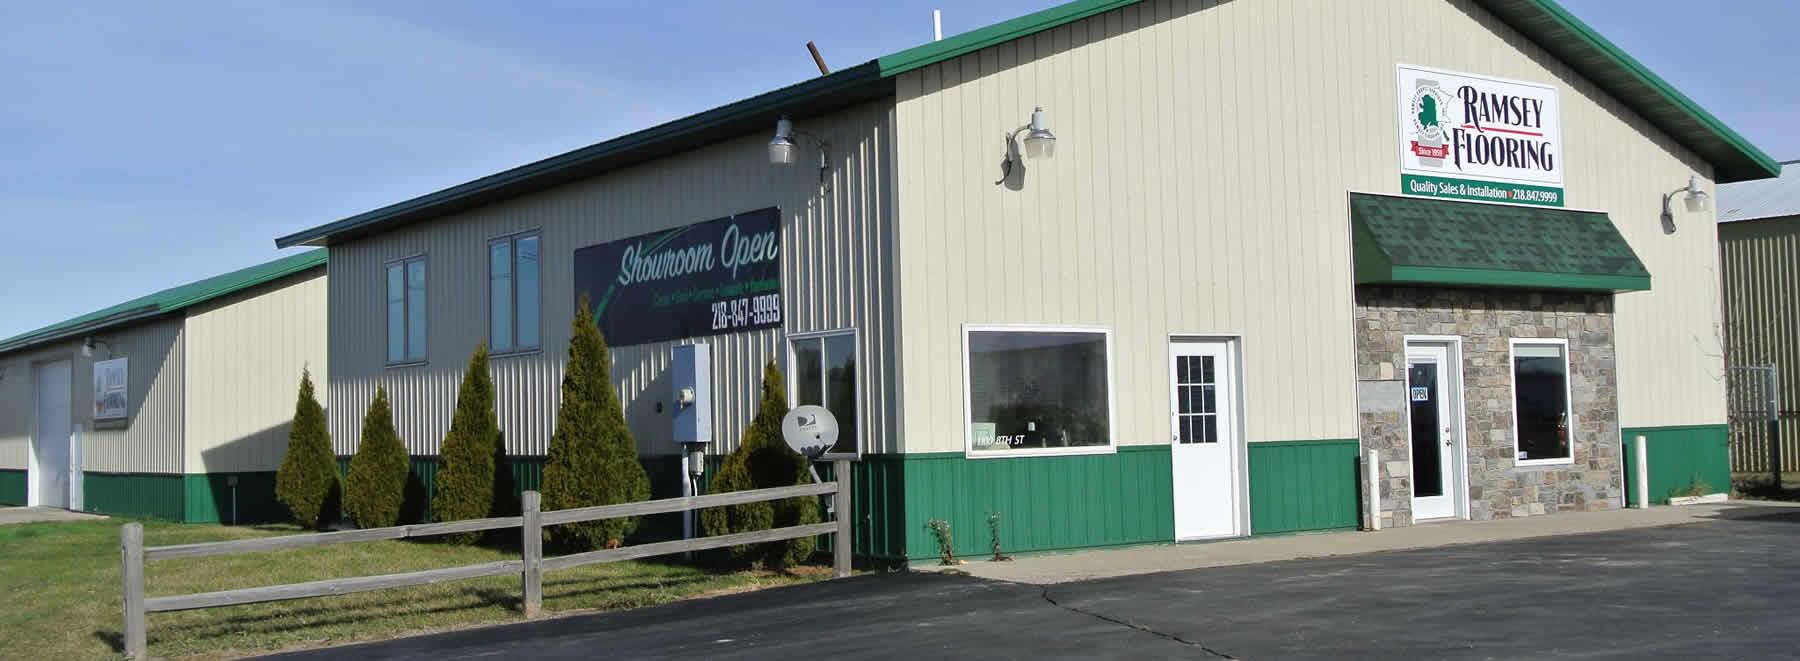 Ramsey Flooring Sales in Detroit Lakes